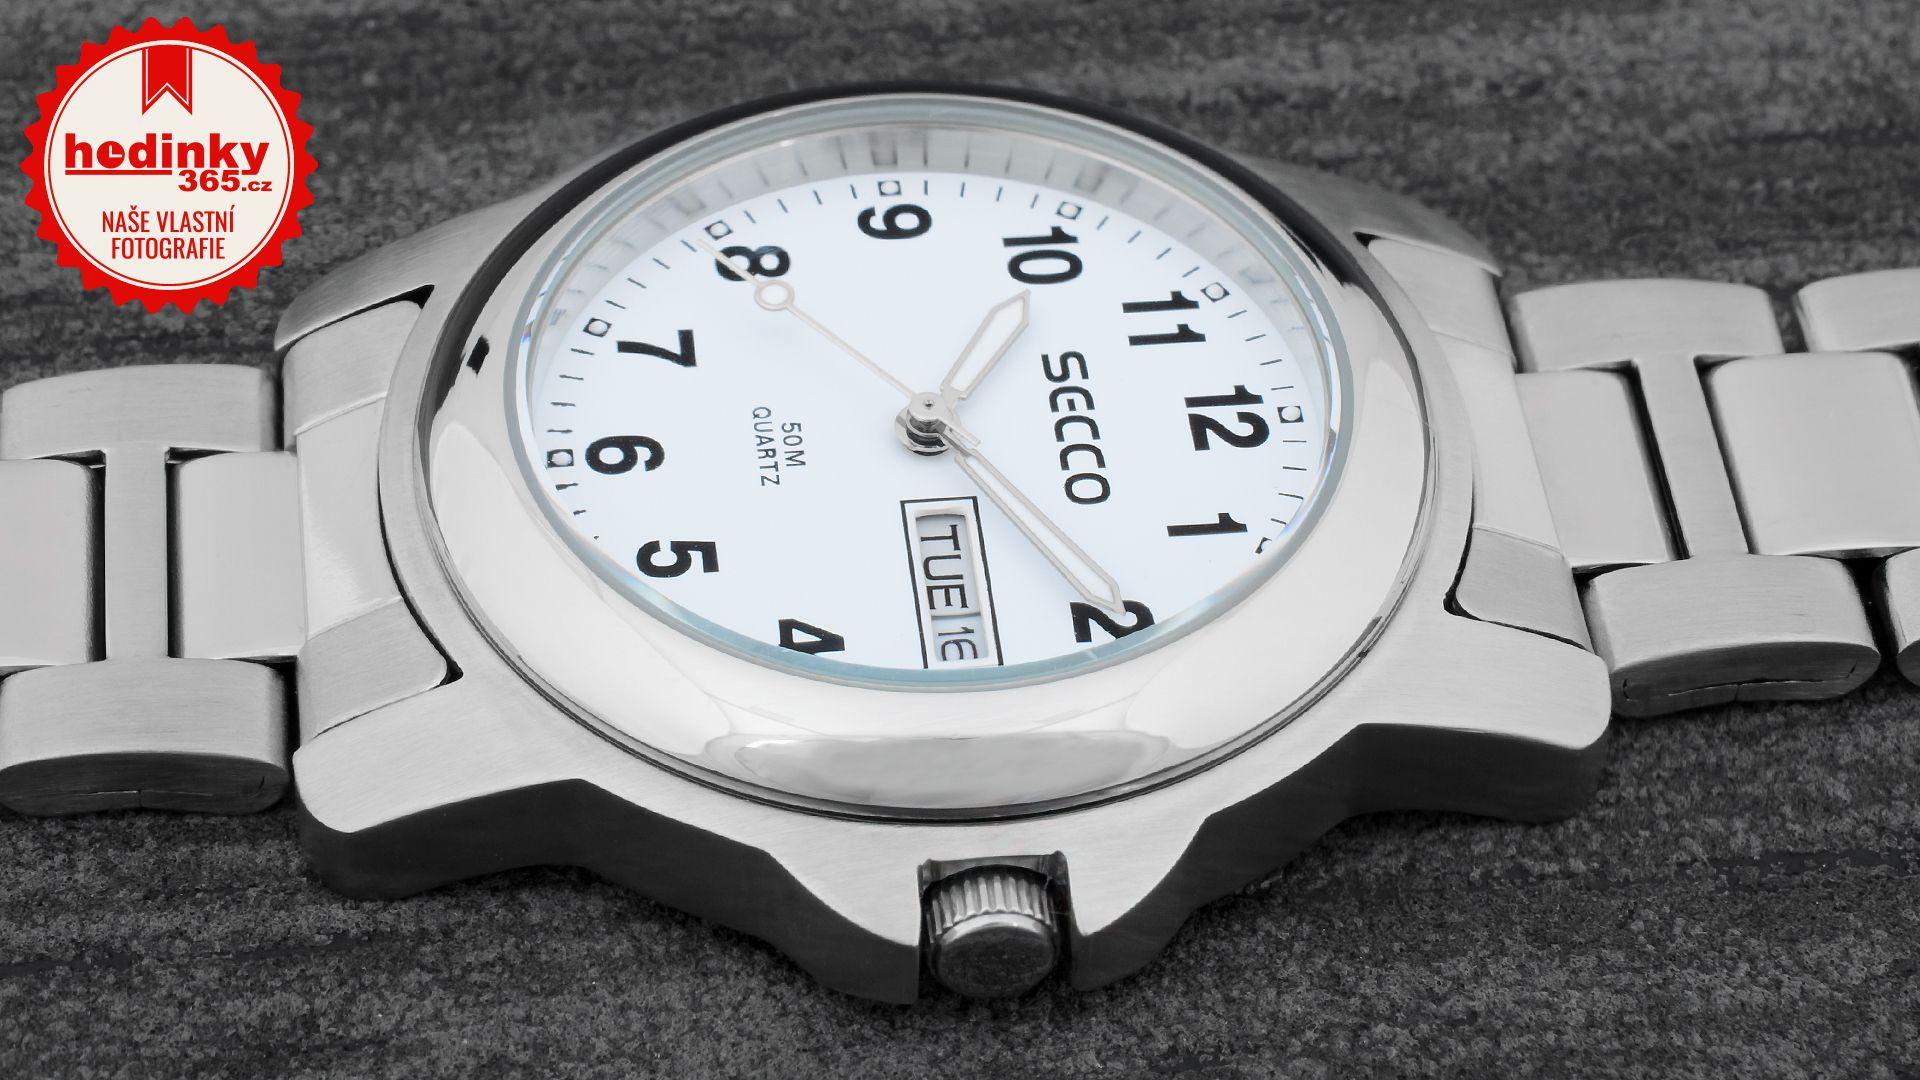 cbd785a05 Pánské hodinky - ocelový řemínek, ocel pouzdro, minerální sklíčko. Veškeré  technické parametry naleznete níže